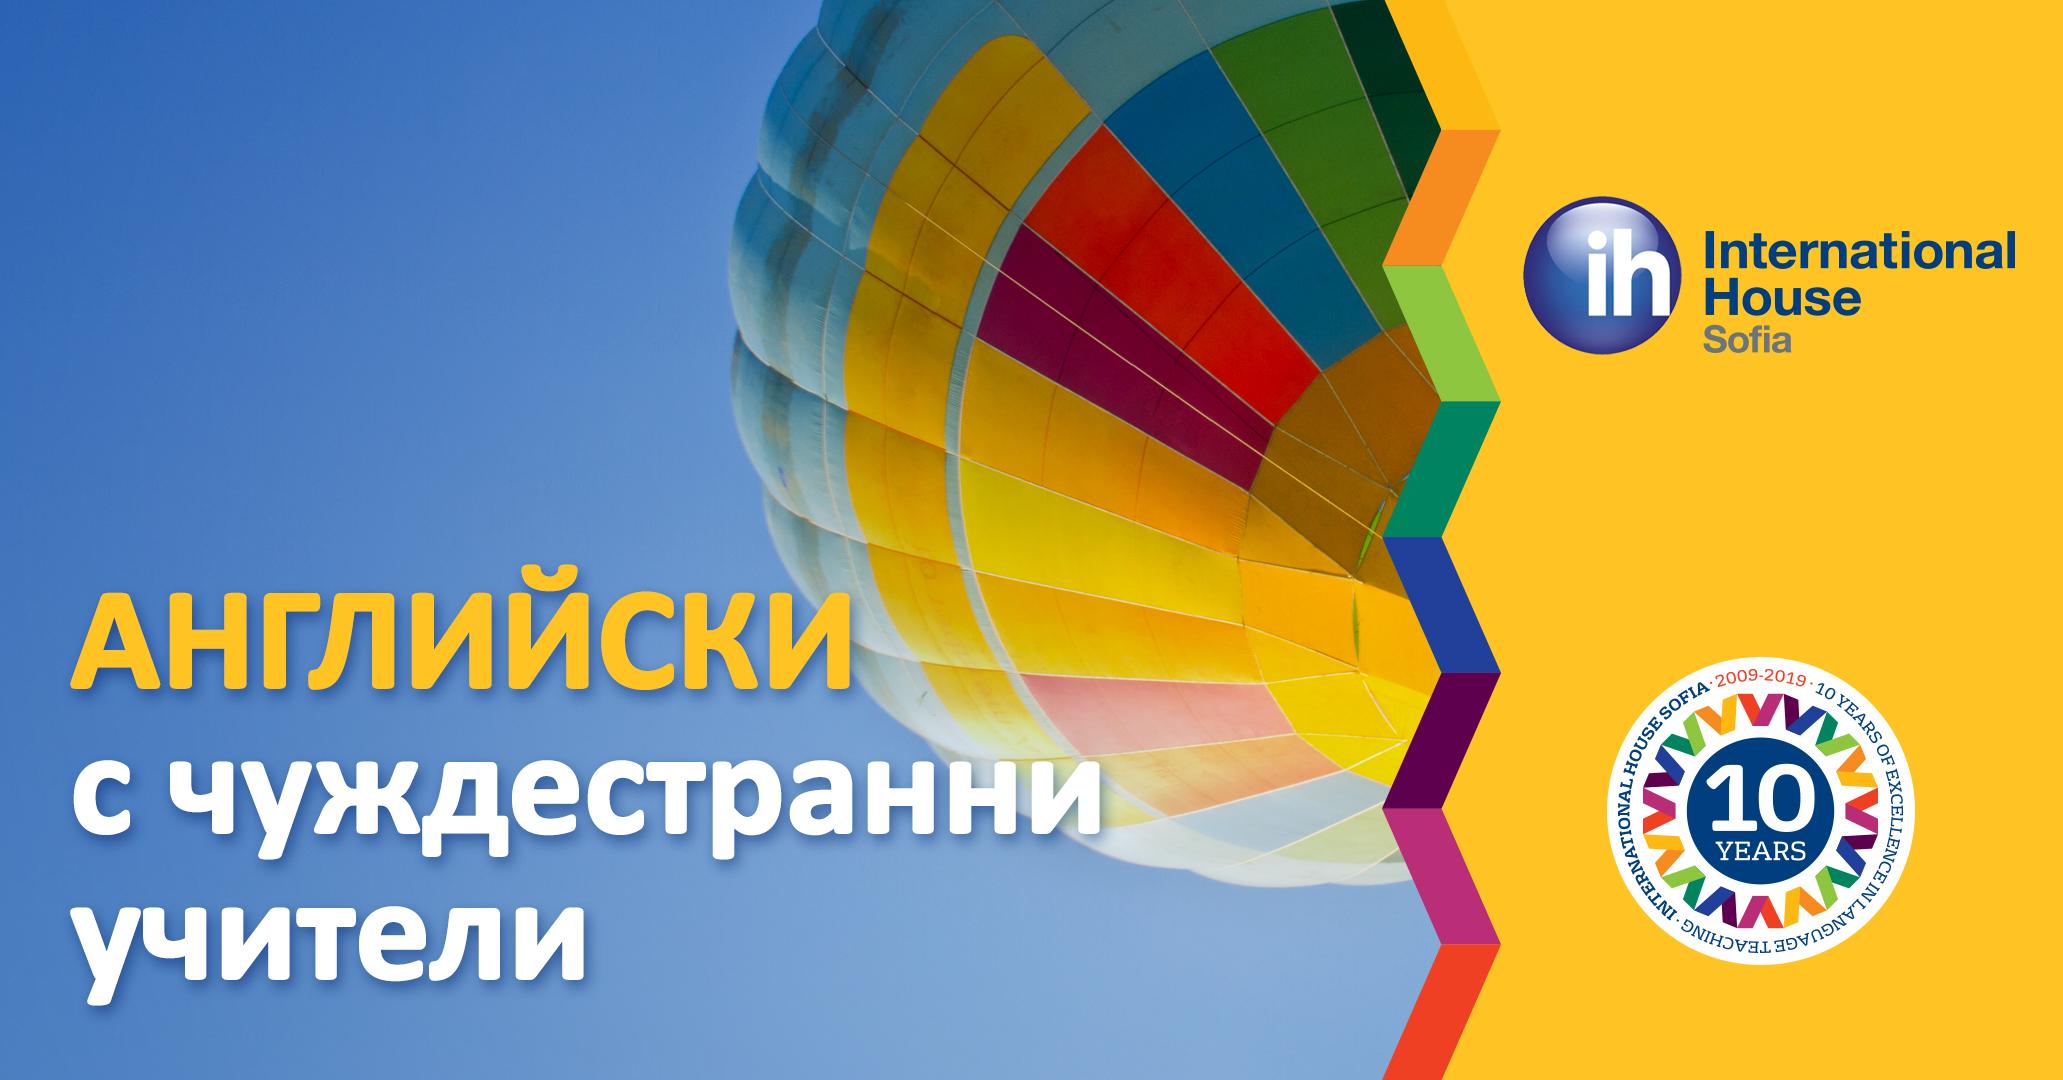 Изберете курс по Общ / Бизнес английски и направете обучението си полезно и приятно с висококвалифицираните чуждестранни преподаватели на International House Sofia.